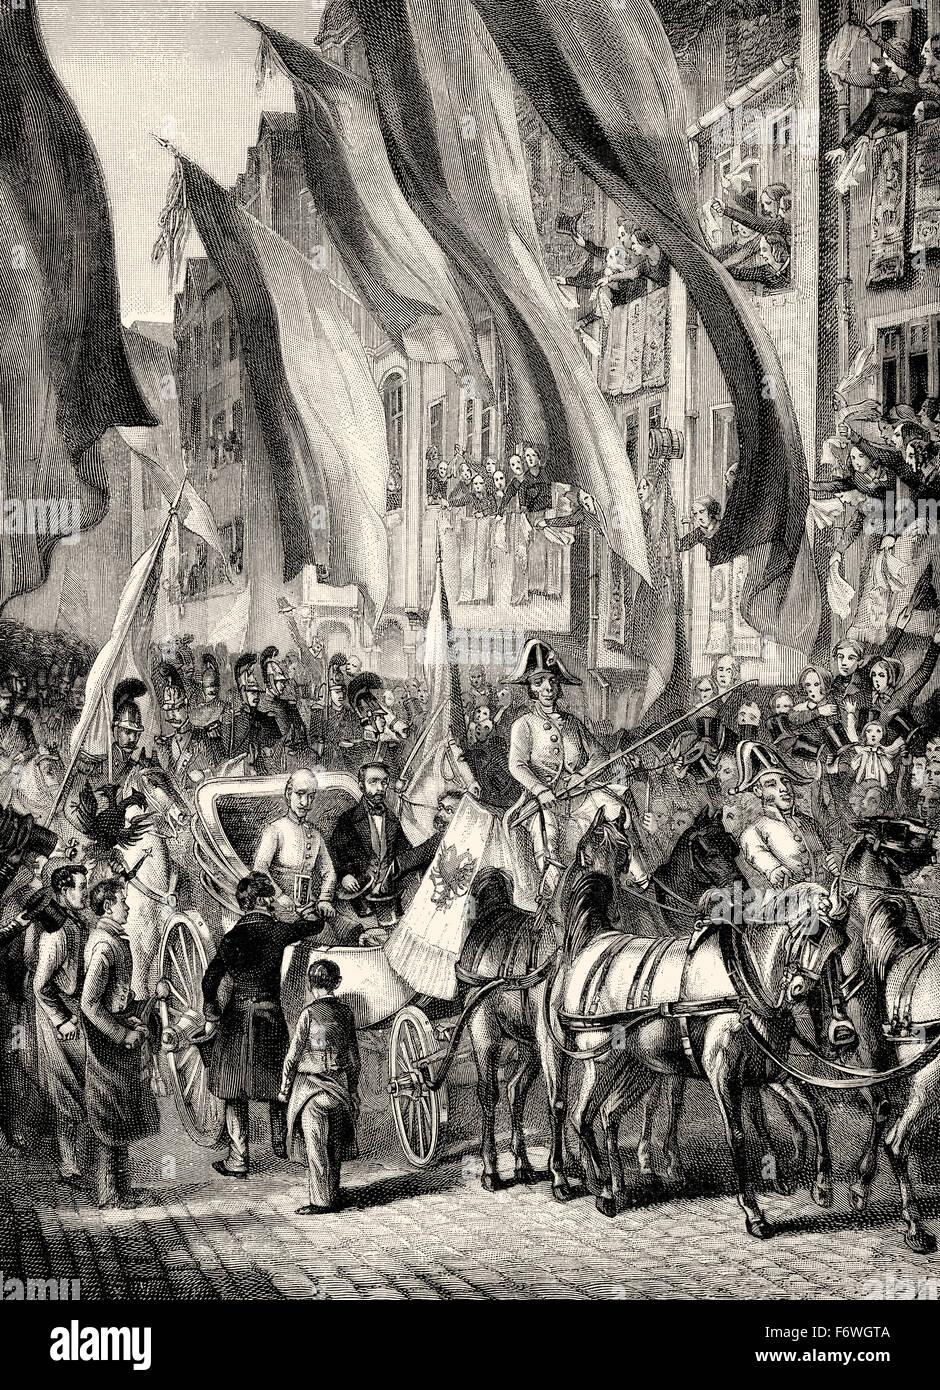 L'arciduca Giovanni d'Austria, 1782 - 1859, un austriaco maresciallo di campo, arrivo come imperiale tedesco Immagini Stock